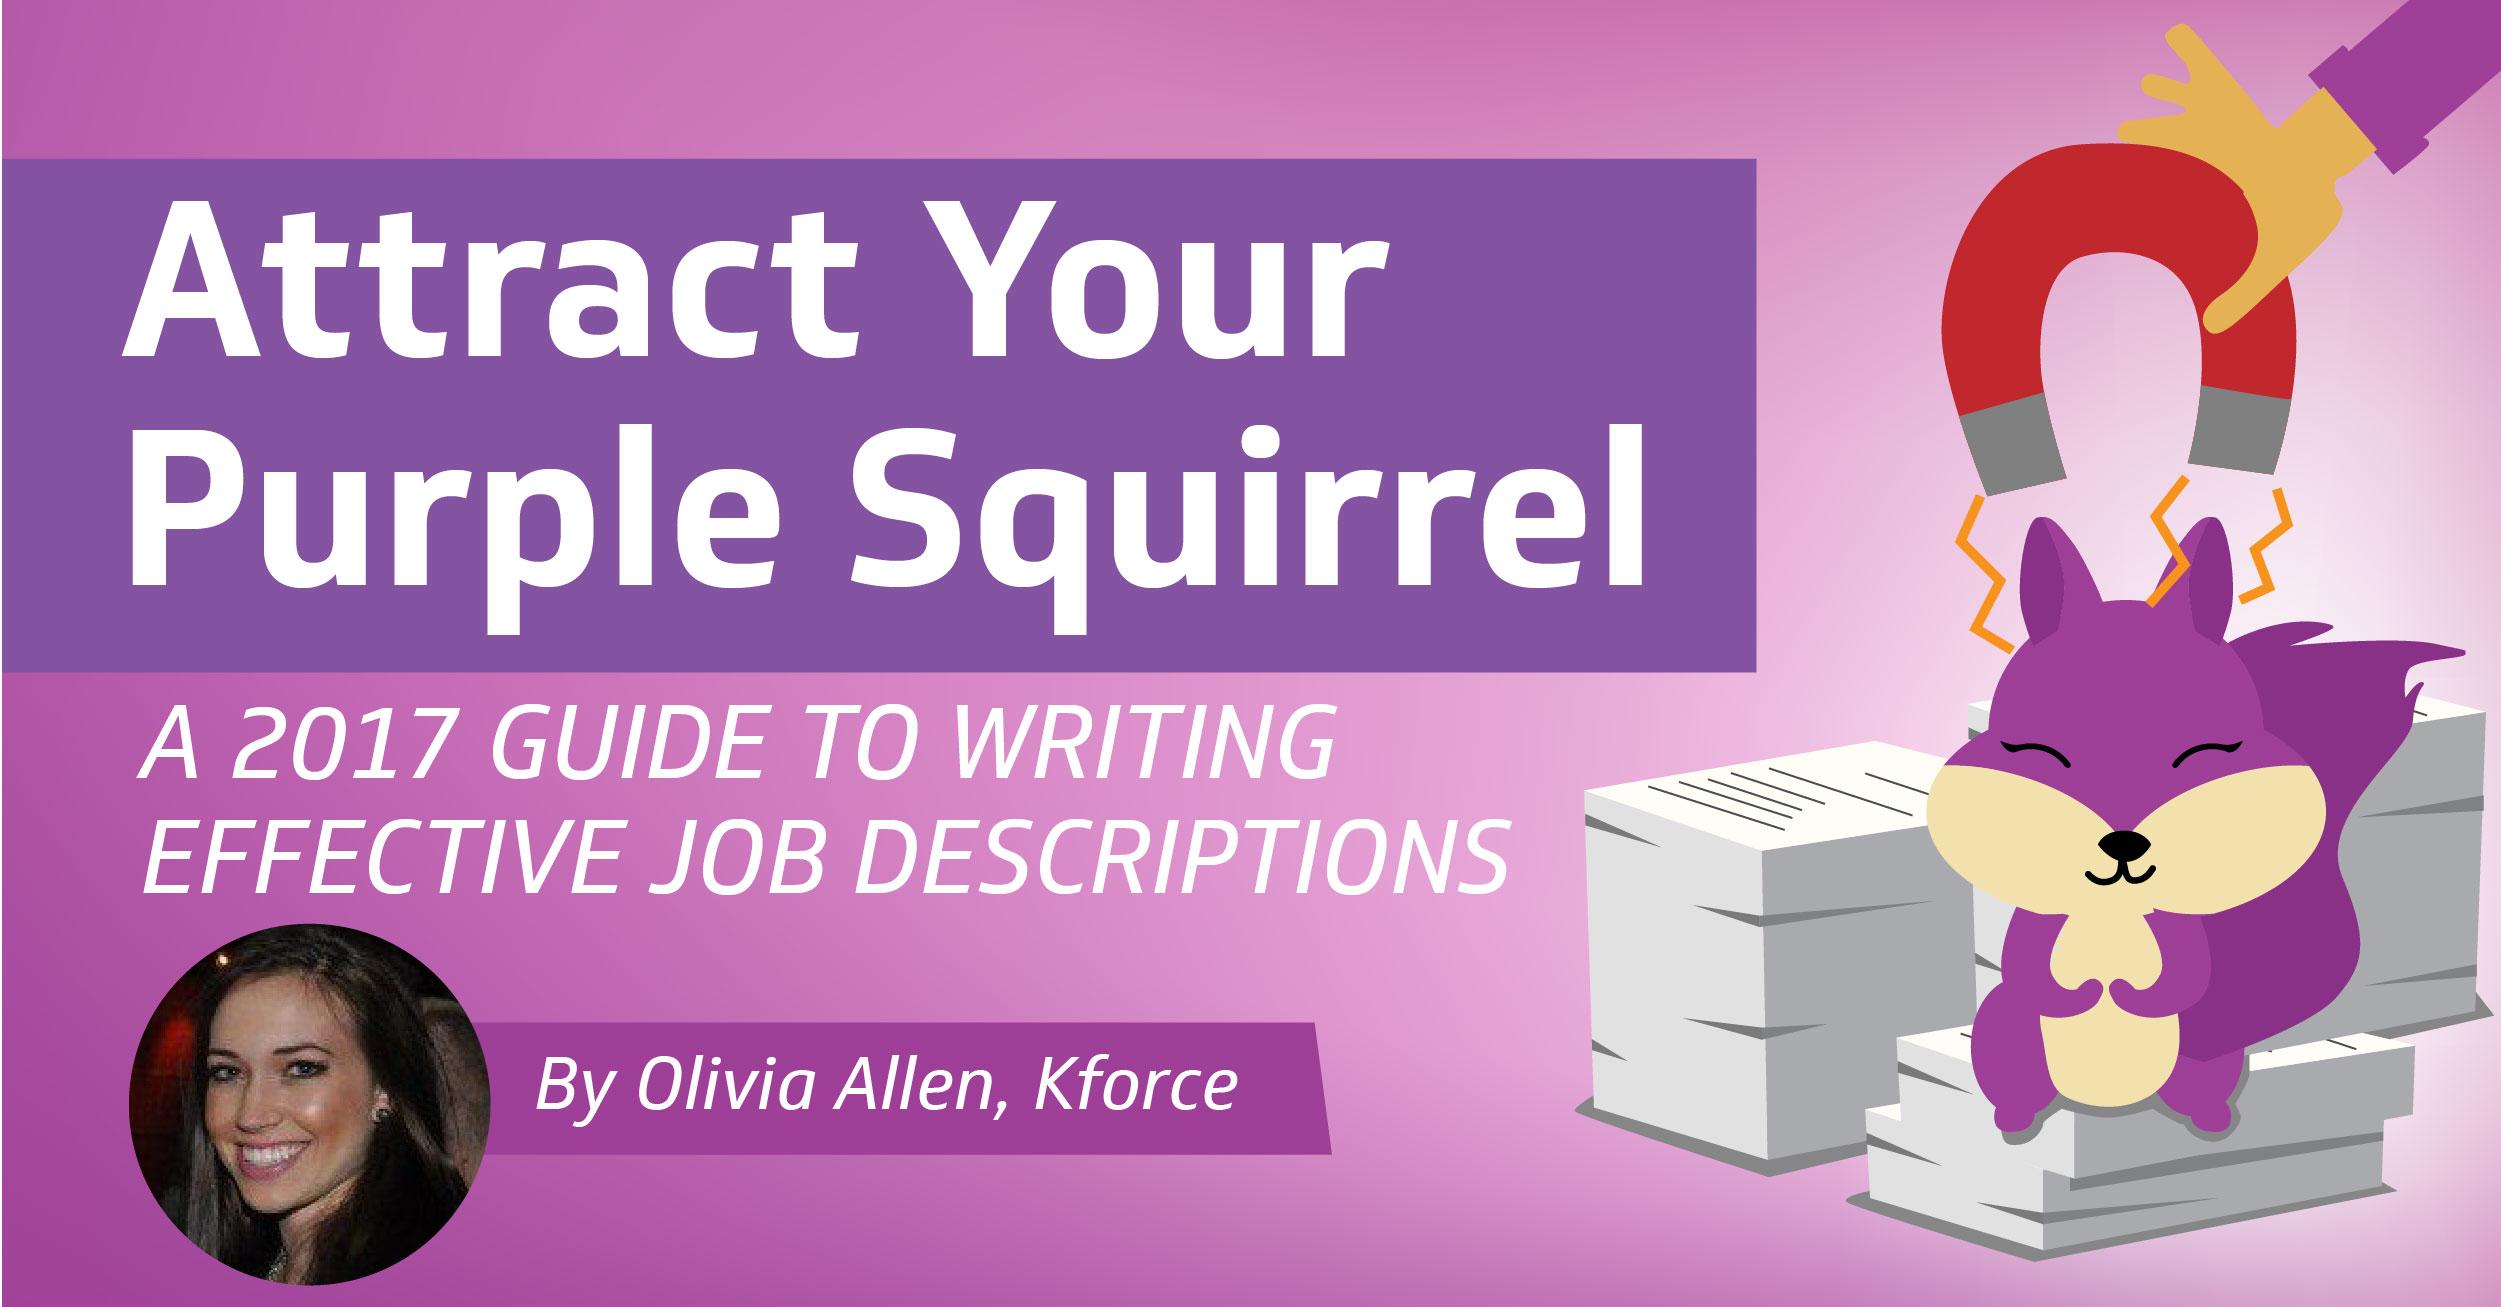 Write effective job descriptions & attract talent